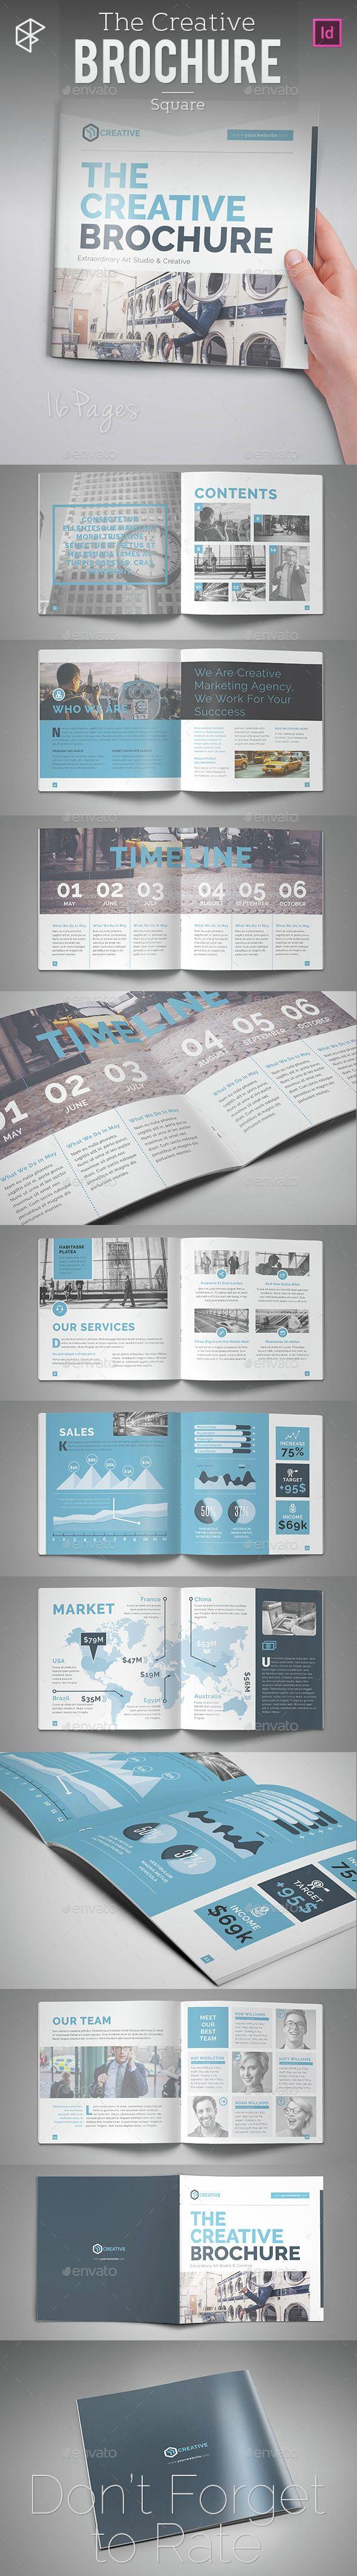 The Creative Brochure - Square   Diseño editorial, Editorial y Folletos